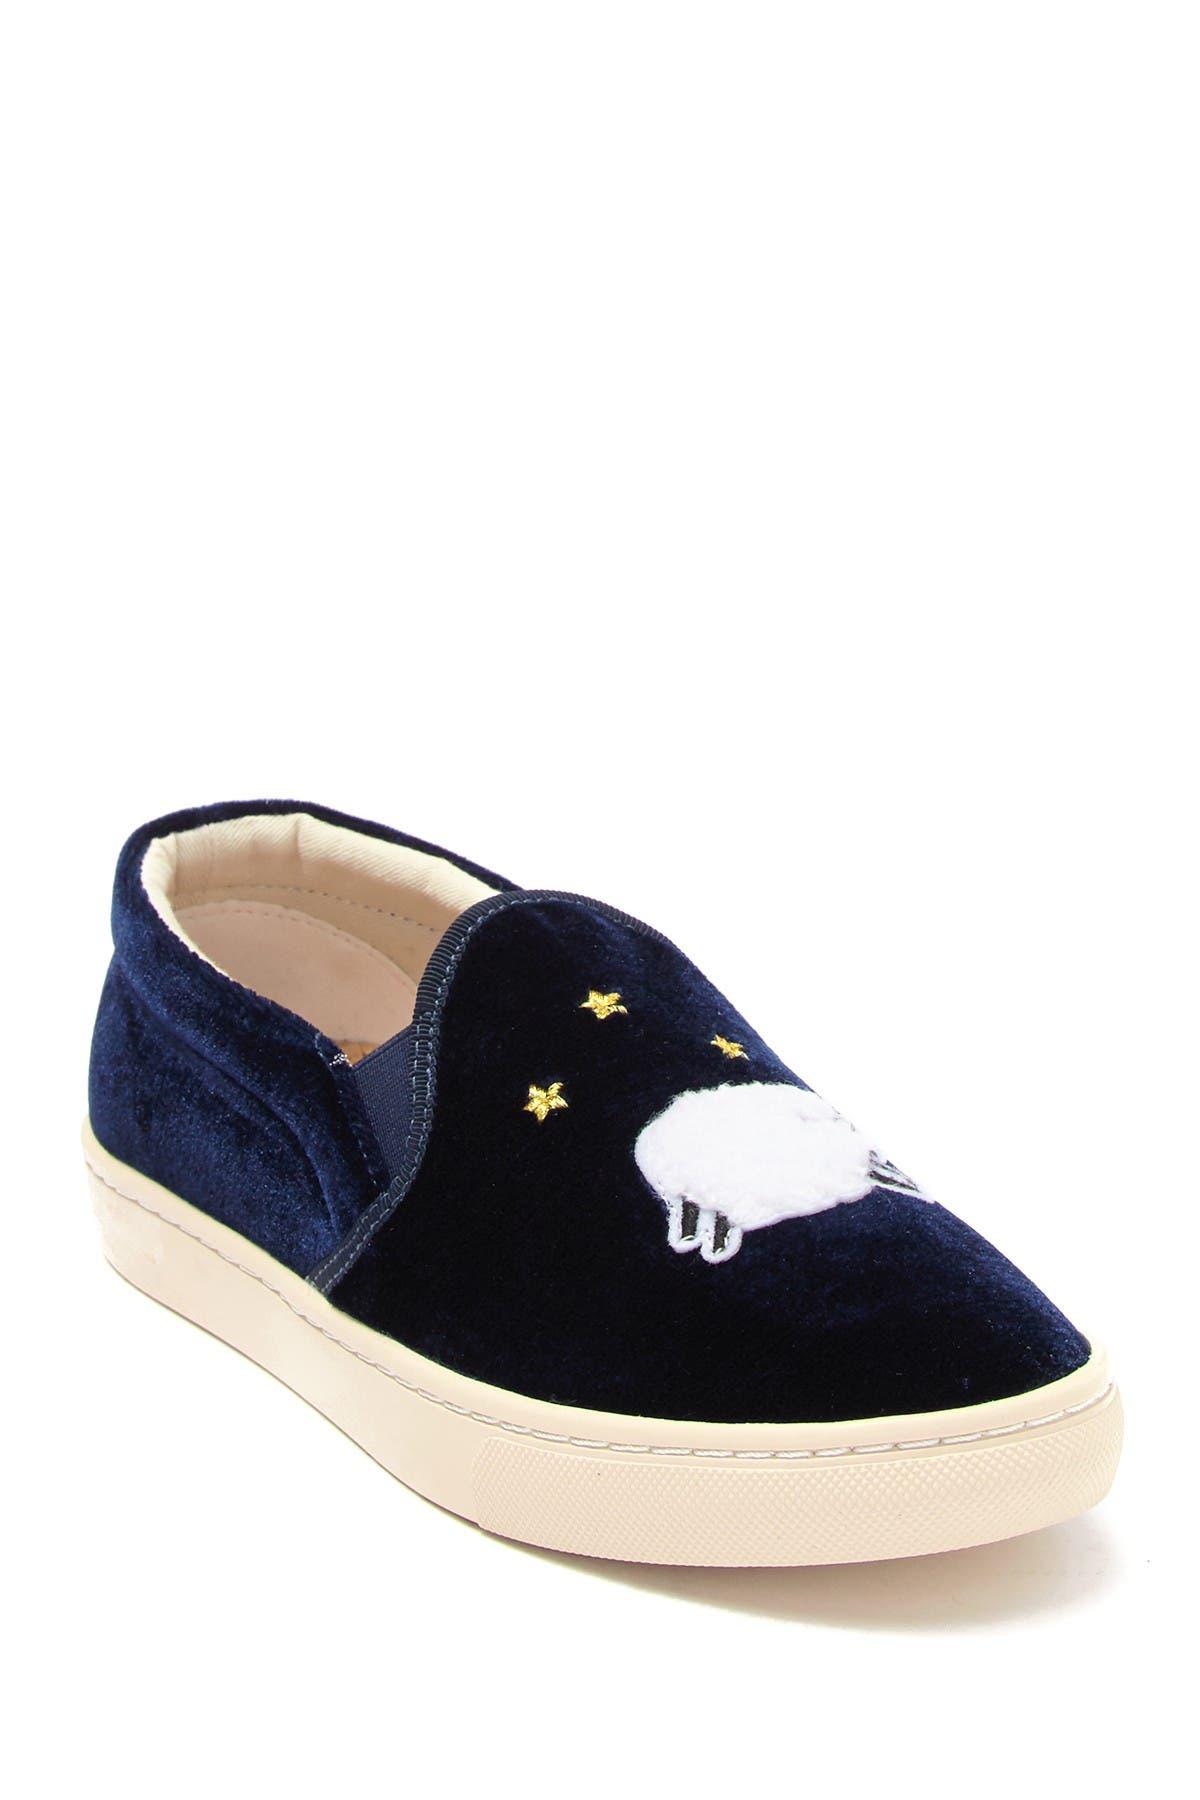 Soludos | Velvet Sheep Slip-On Sneaker